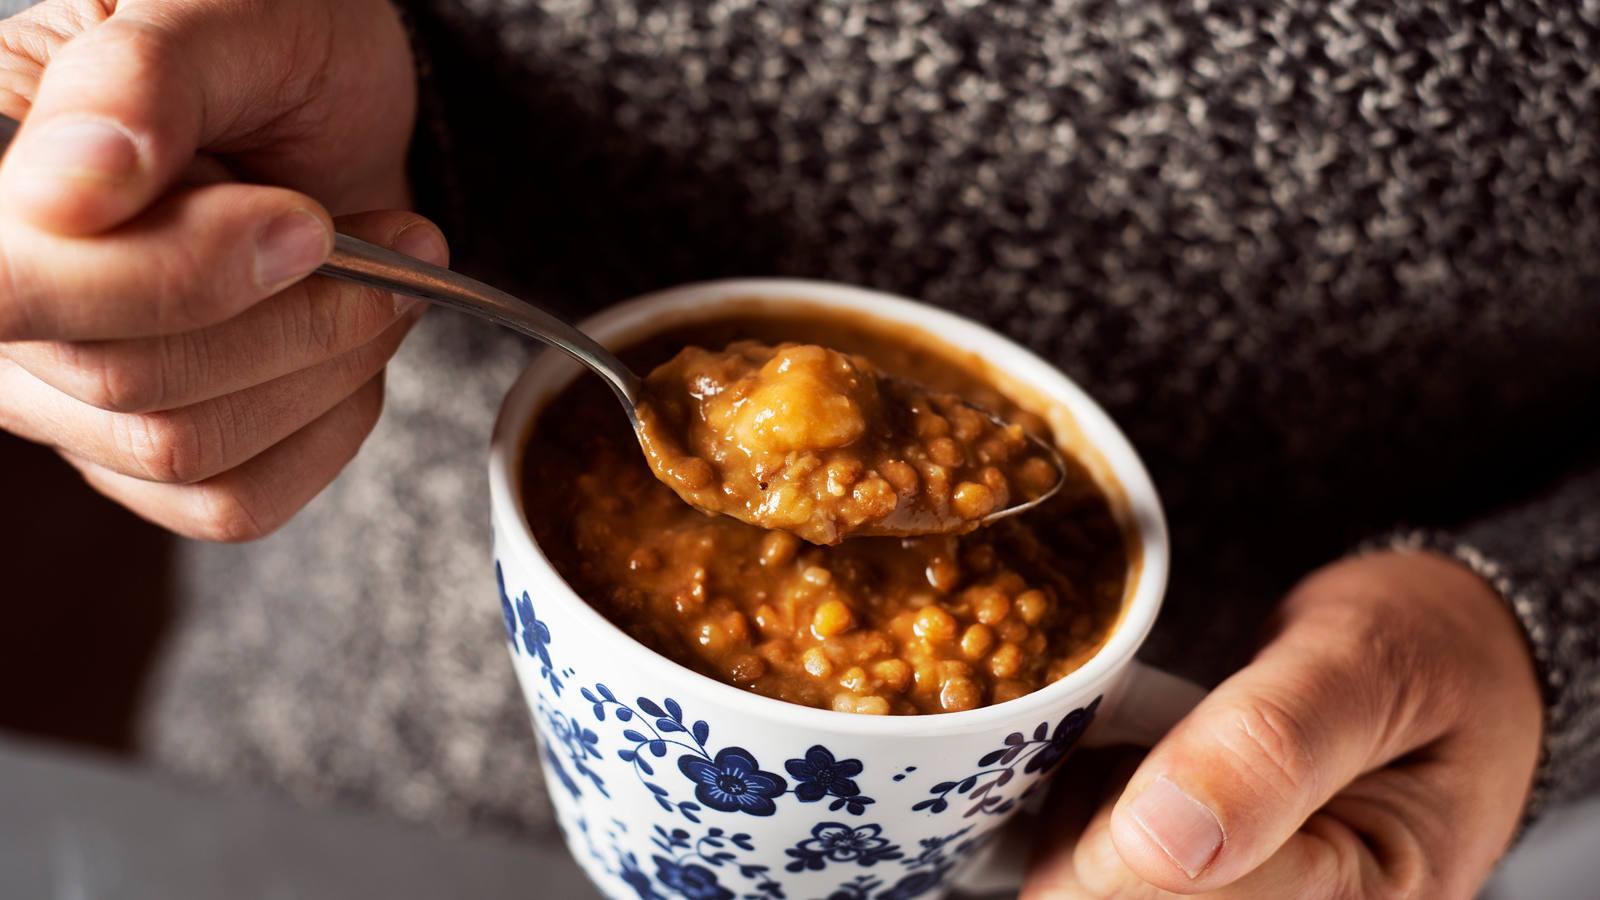 Ricette per la zuppa di lenticchie: semplici, gustose e sane